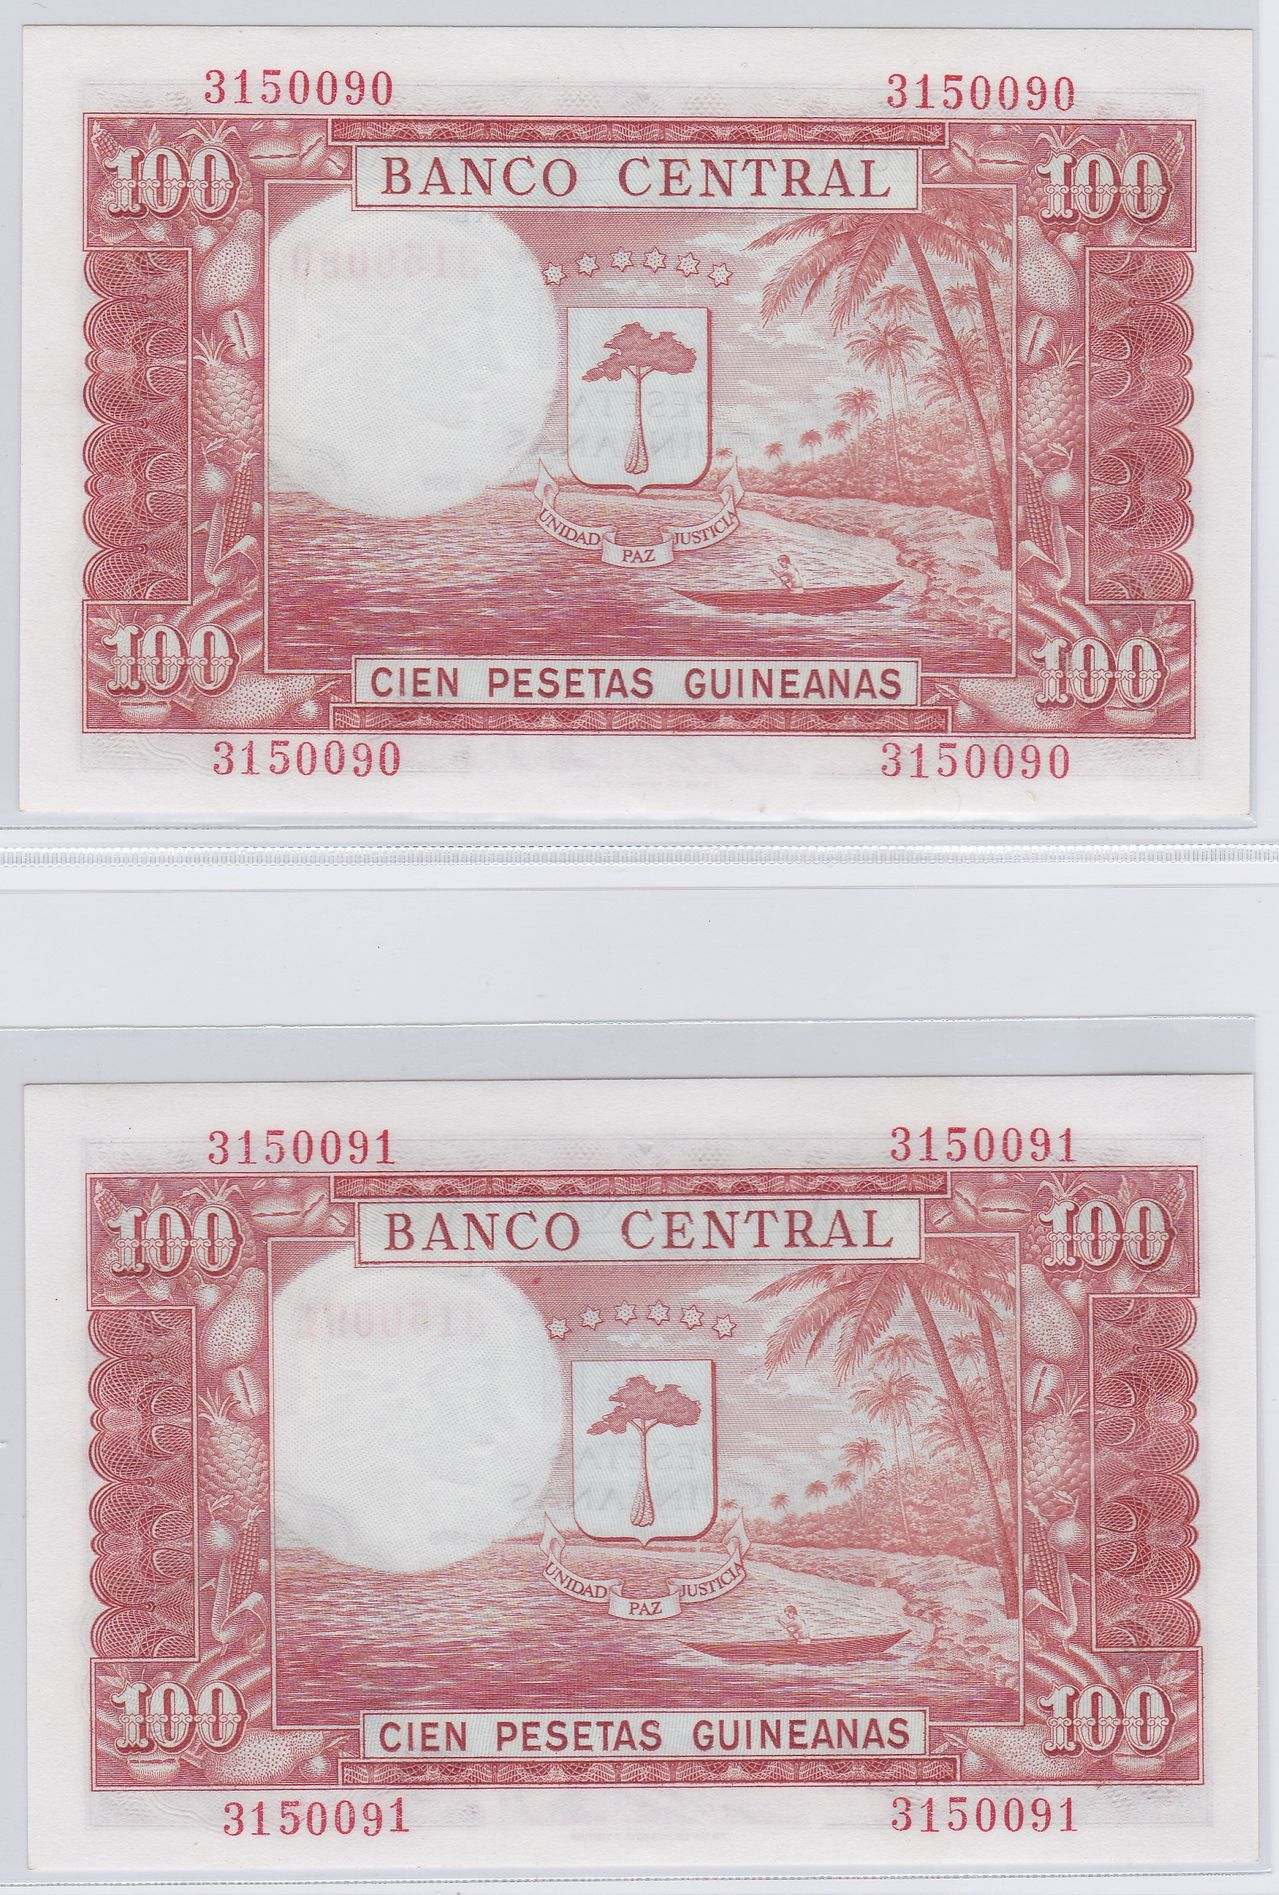 100 Pesetas Guinea Ecuatorial, 1969 (Pareja) 1969_100_pesetas_guineanas_R